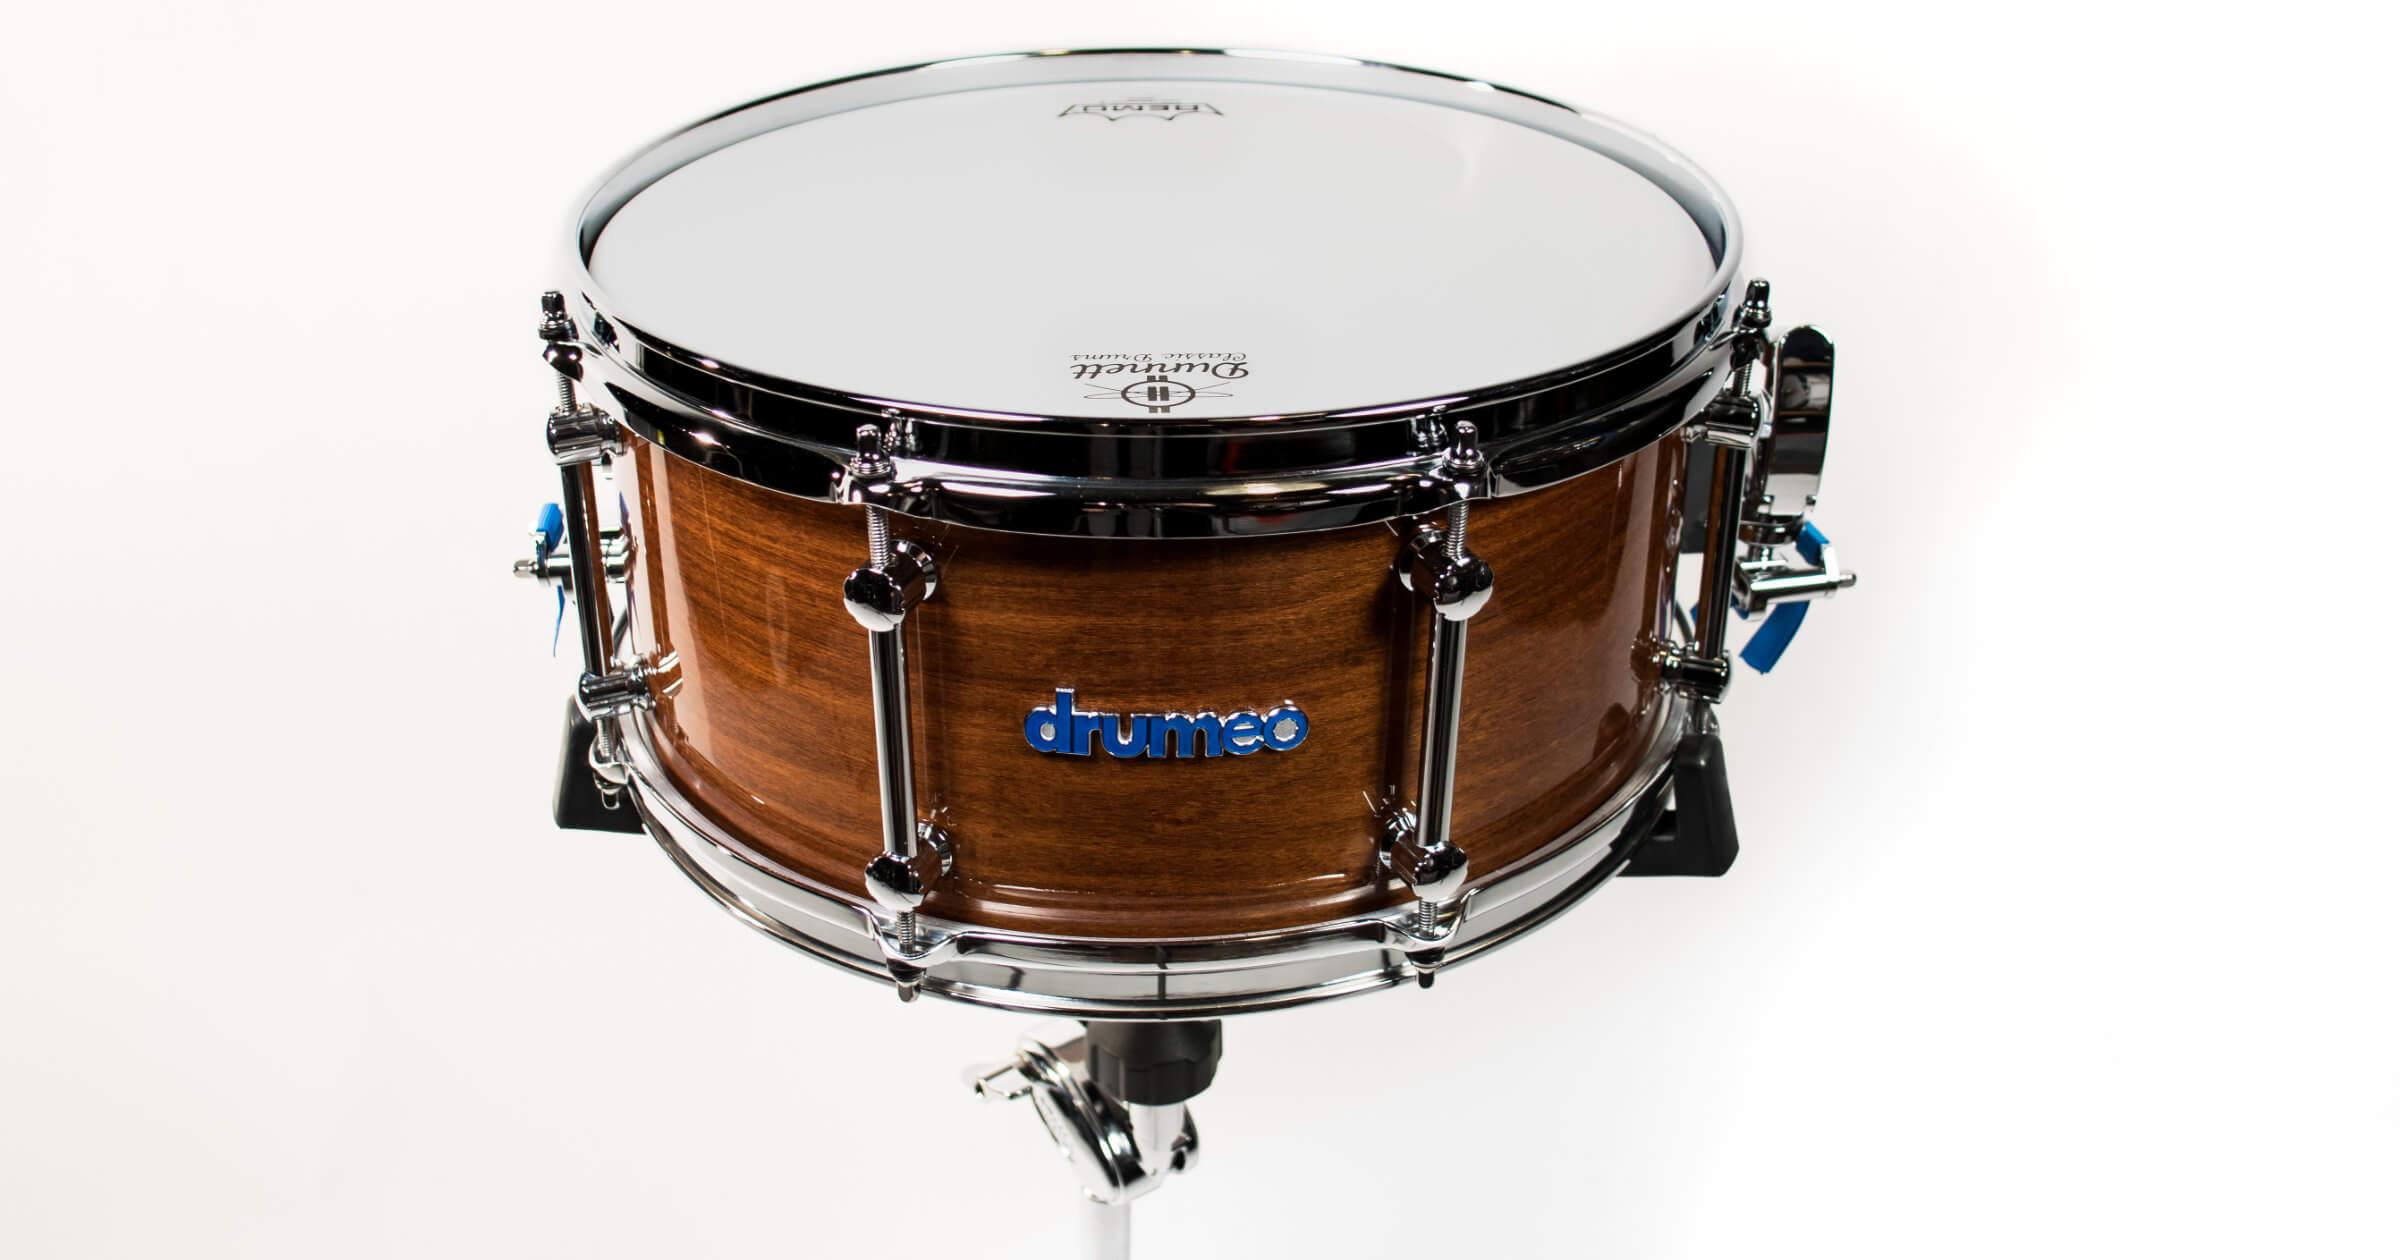 jared falk soundcheck blindfold challenges snare drums. Black Bedroom Furniture Sets. Home Design Ideas